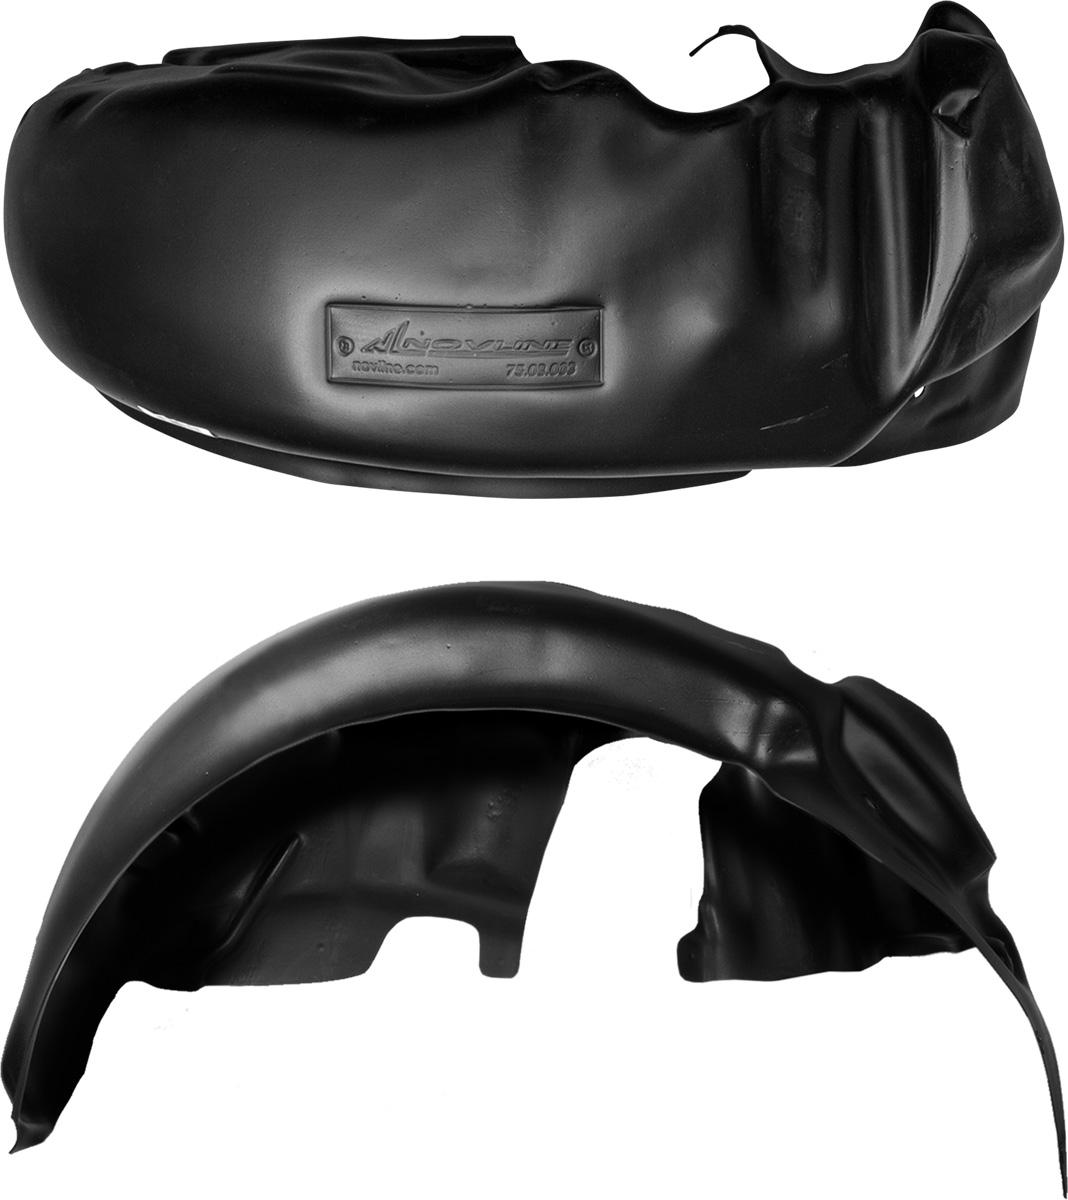 Подкрылок Novline-Autofamily, для Hyundai Solaris, 2010-2014, седан, хэтчбек (передний правый)NLL.20.41.002Подкрылок выполнен из высококачественного, экологически чистого пластика. Обеспечивает надежную защиту кузова автомобиля от пескоструйного эффекта и негативного влияния, агрессивных антигололедных реагентов. Пластик обладает более низкой теплопроводностью, чем металл, поэтому в зимний период эксплуатации использование пластиковых подкрылков позволяет лучше защитить колесные ниши от налипания снега и образования наледи. Оригинальность конструкции подчеркивает элегантность автомобиля, бережно защищает нанесенное на днище кузова антикоррозийное покрытие и позволяет осуществить крепление подкрылка внутри колесной арки практически без дополнительного крепежа и сверления, не нарушая при этом лакокрасочного покрытия, что предотвращает возникновение новых очагов коррозии. Технология крепления подкрылка на иномарки принципиально отличается от крепления на российские автомобили и разрабатывается индивидуально для каждой модели автомобиля. Подкрылок долговечен, обладает высокой прочностью и...